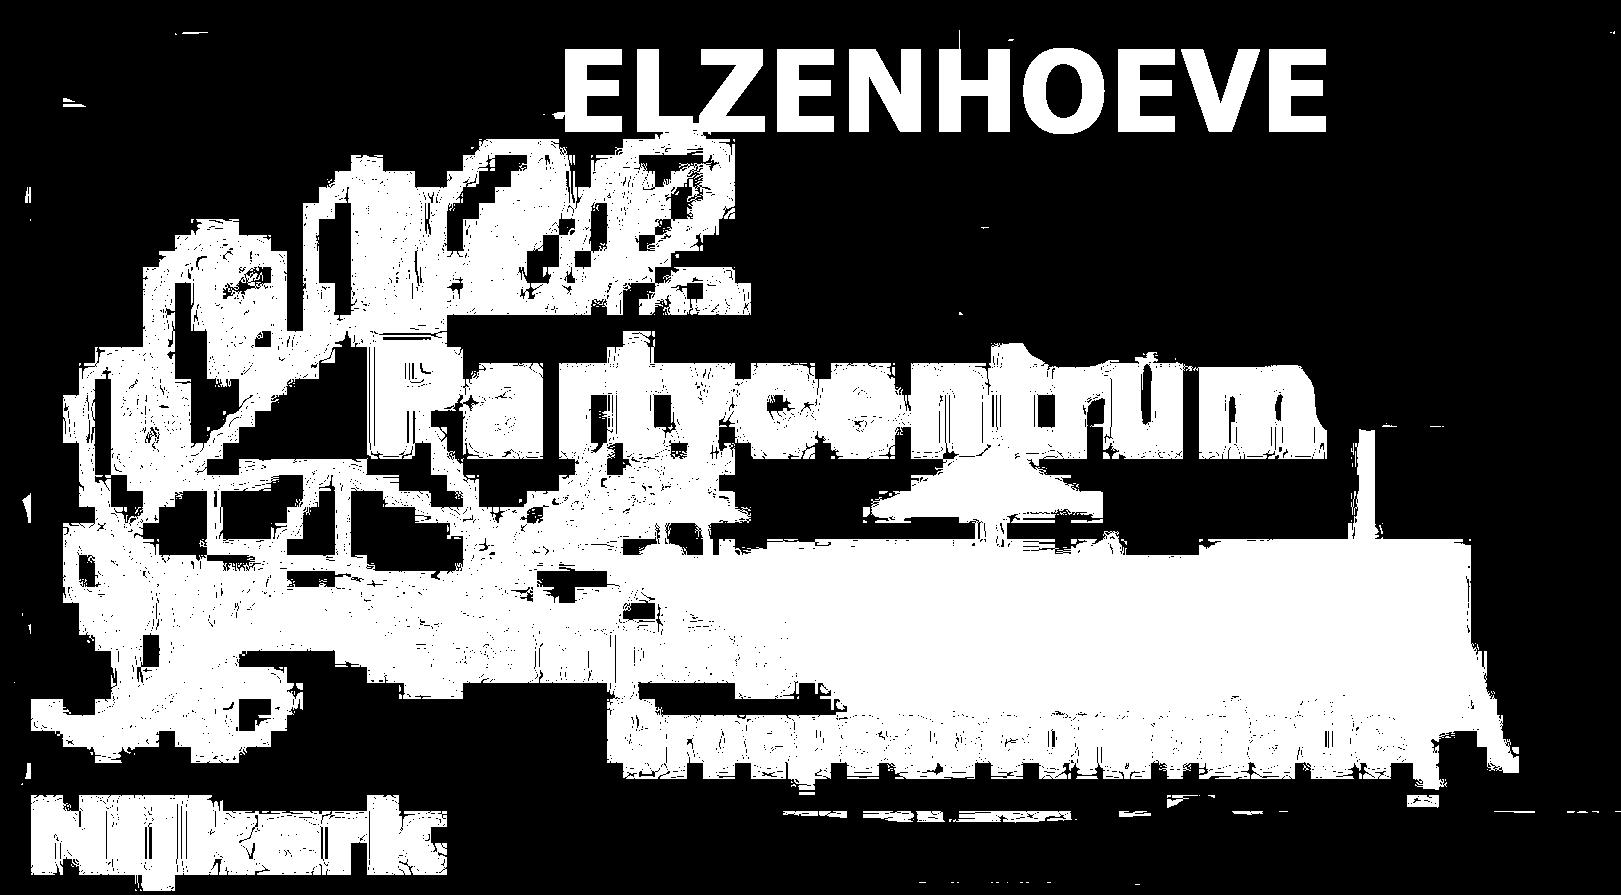 De Elzenhoeve